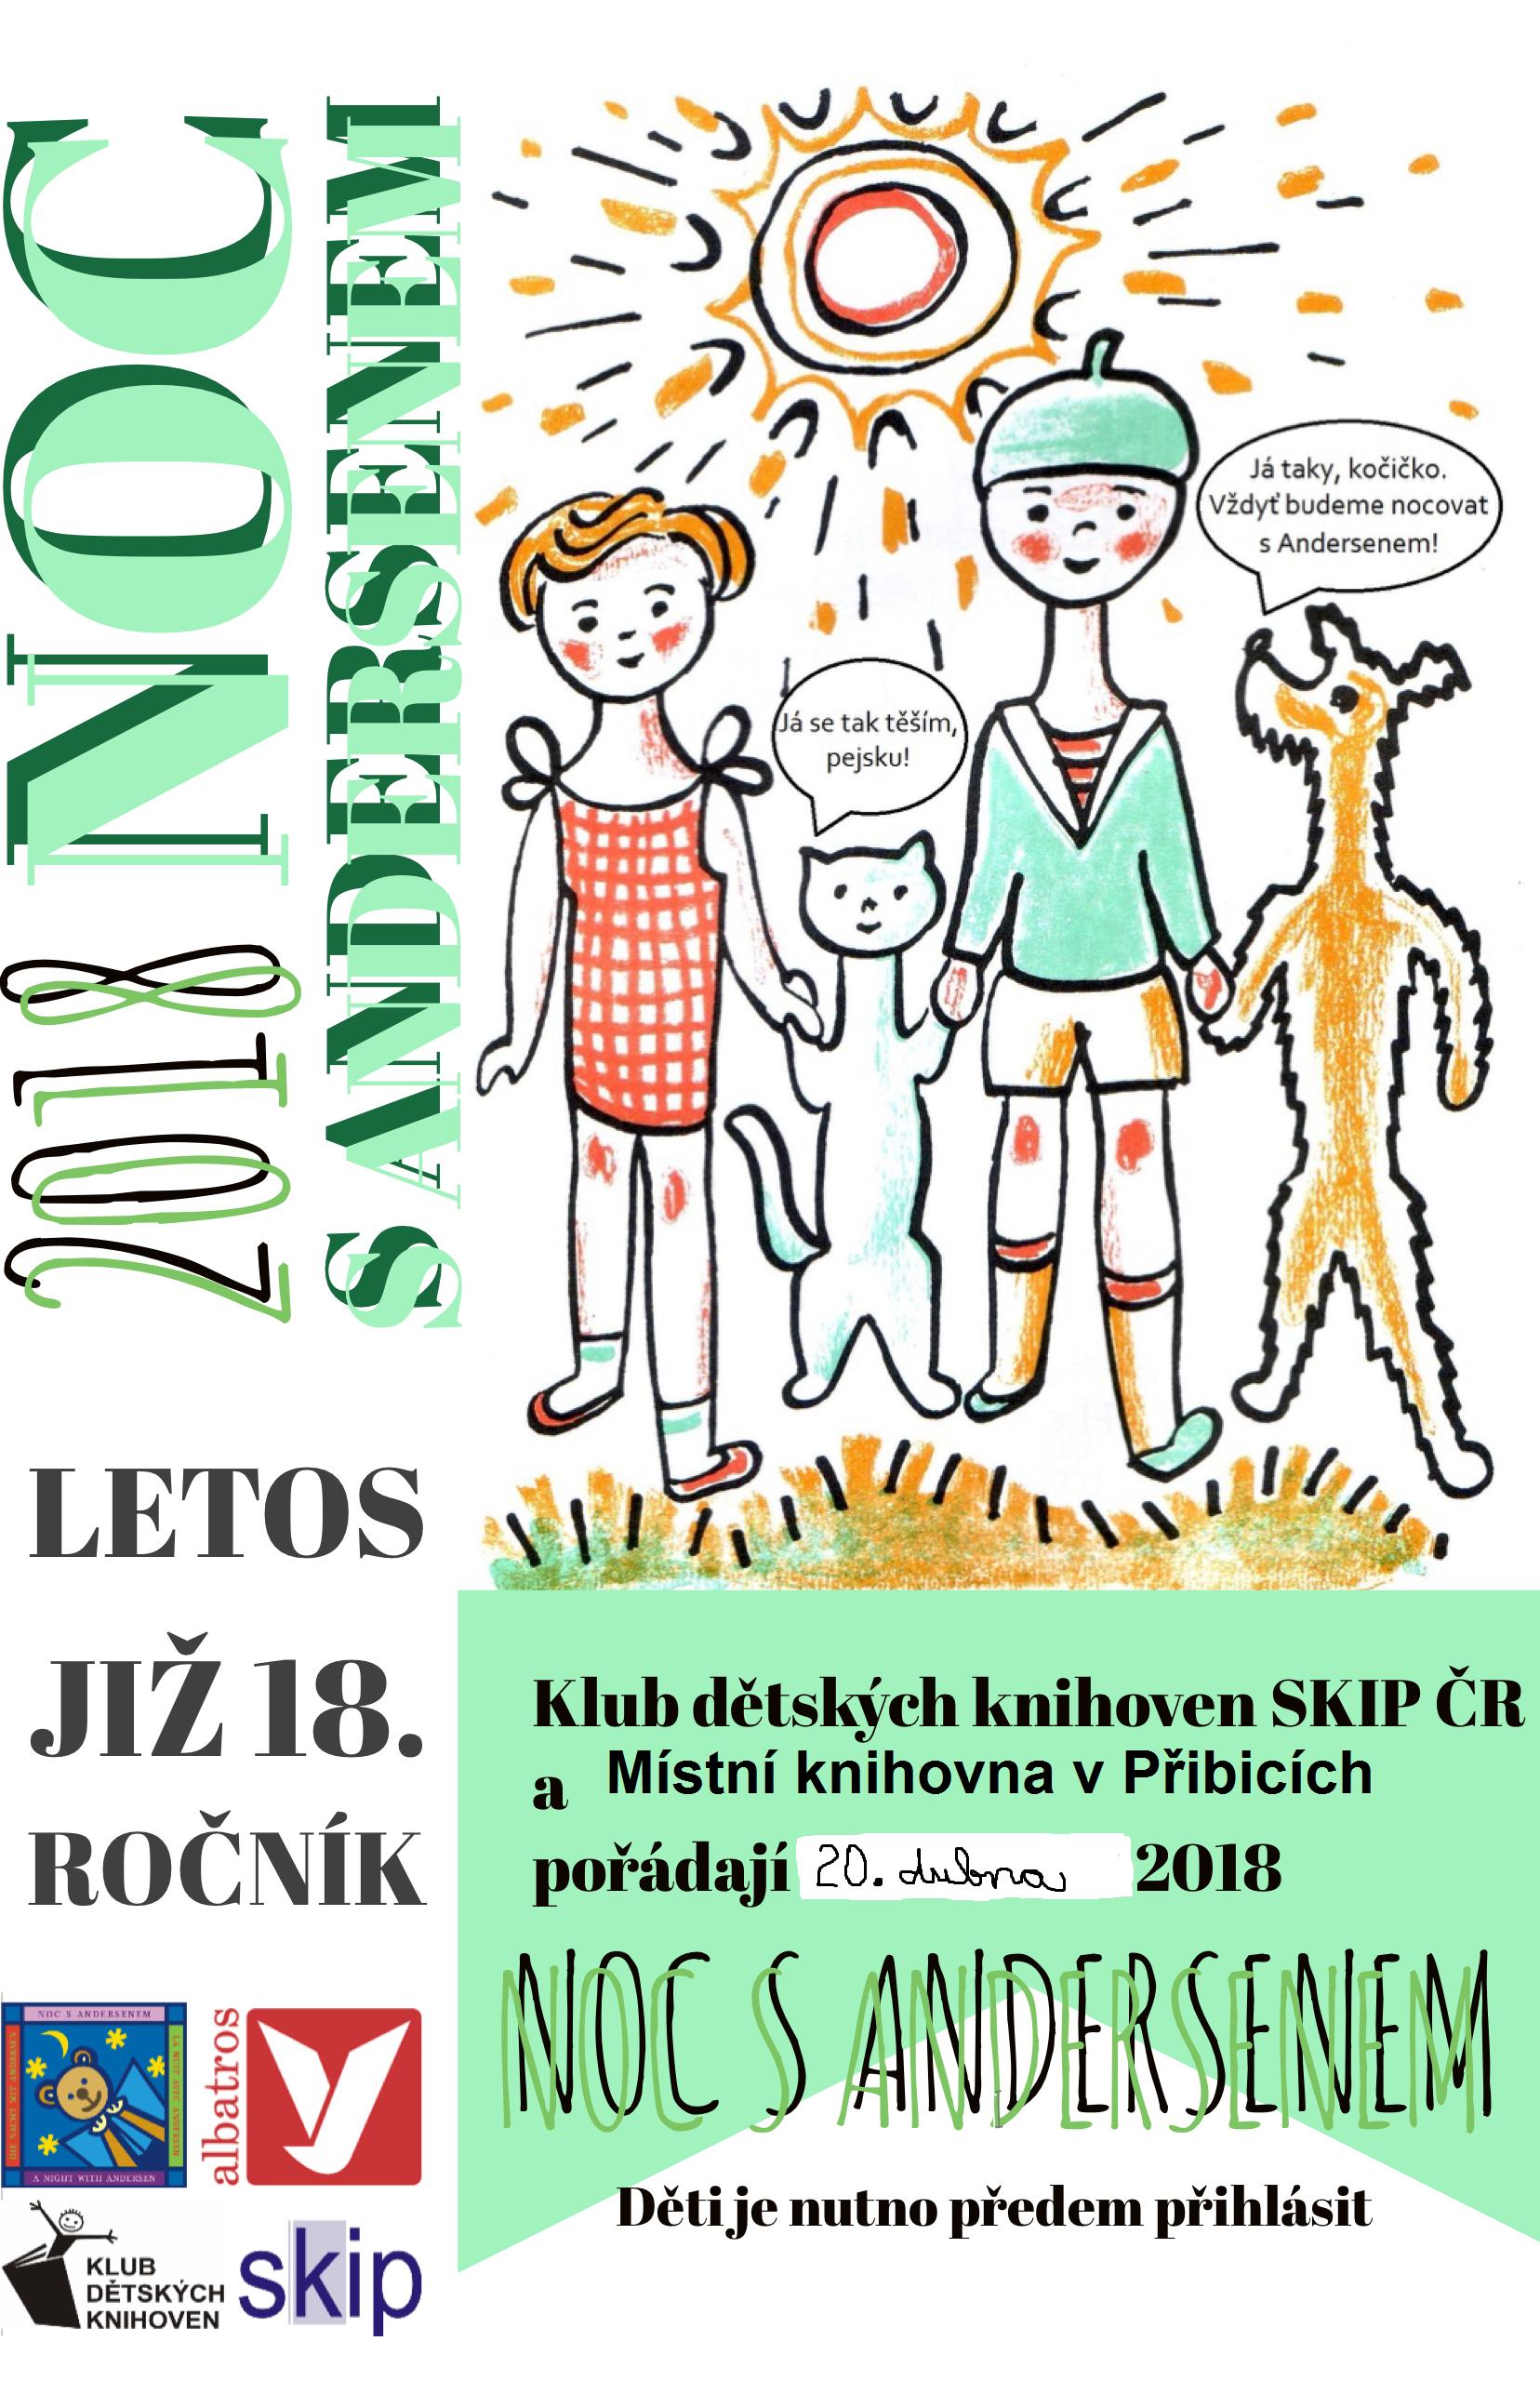 OBRÁZEK : nsa2018-plakat-pejsek-kocicka-large.png